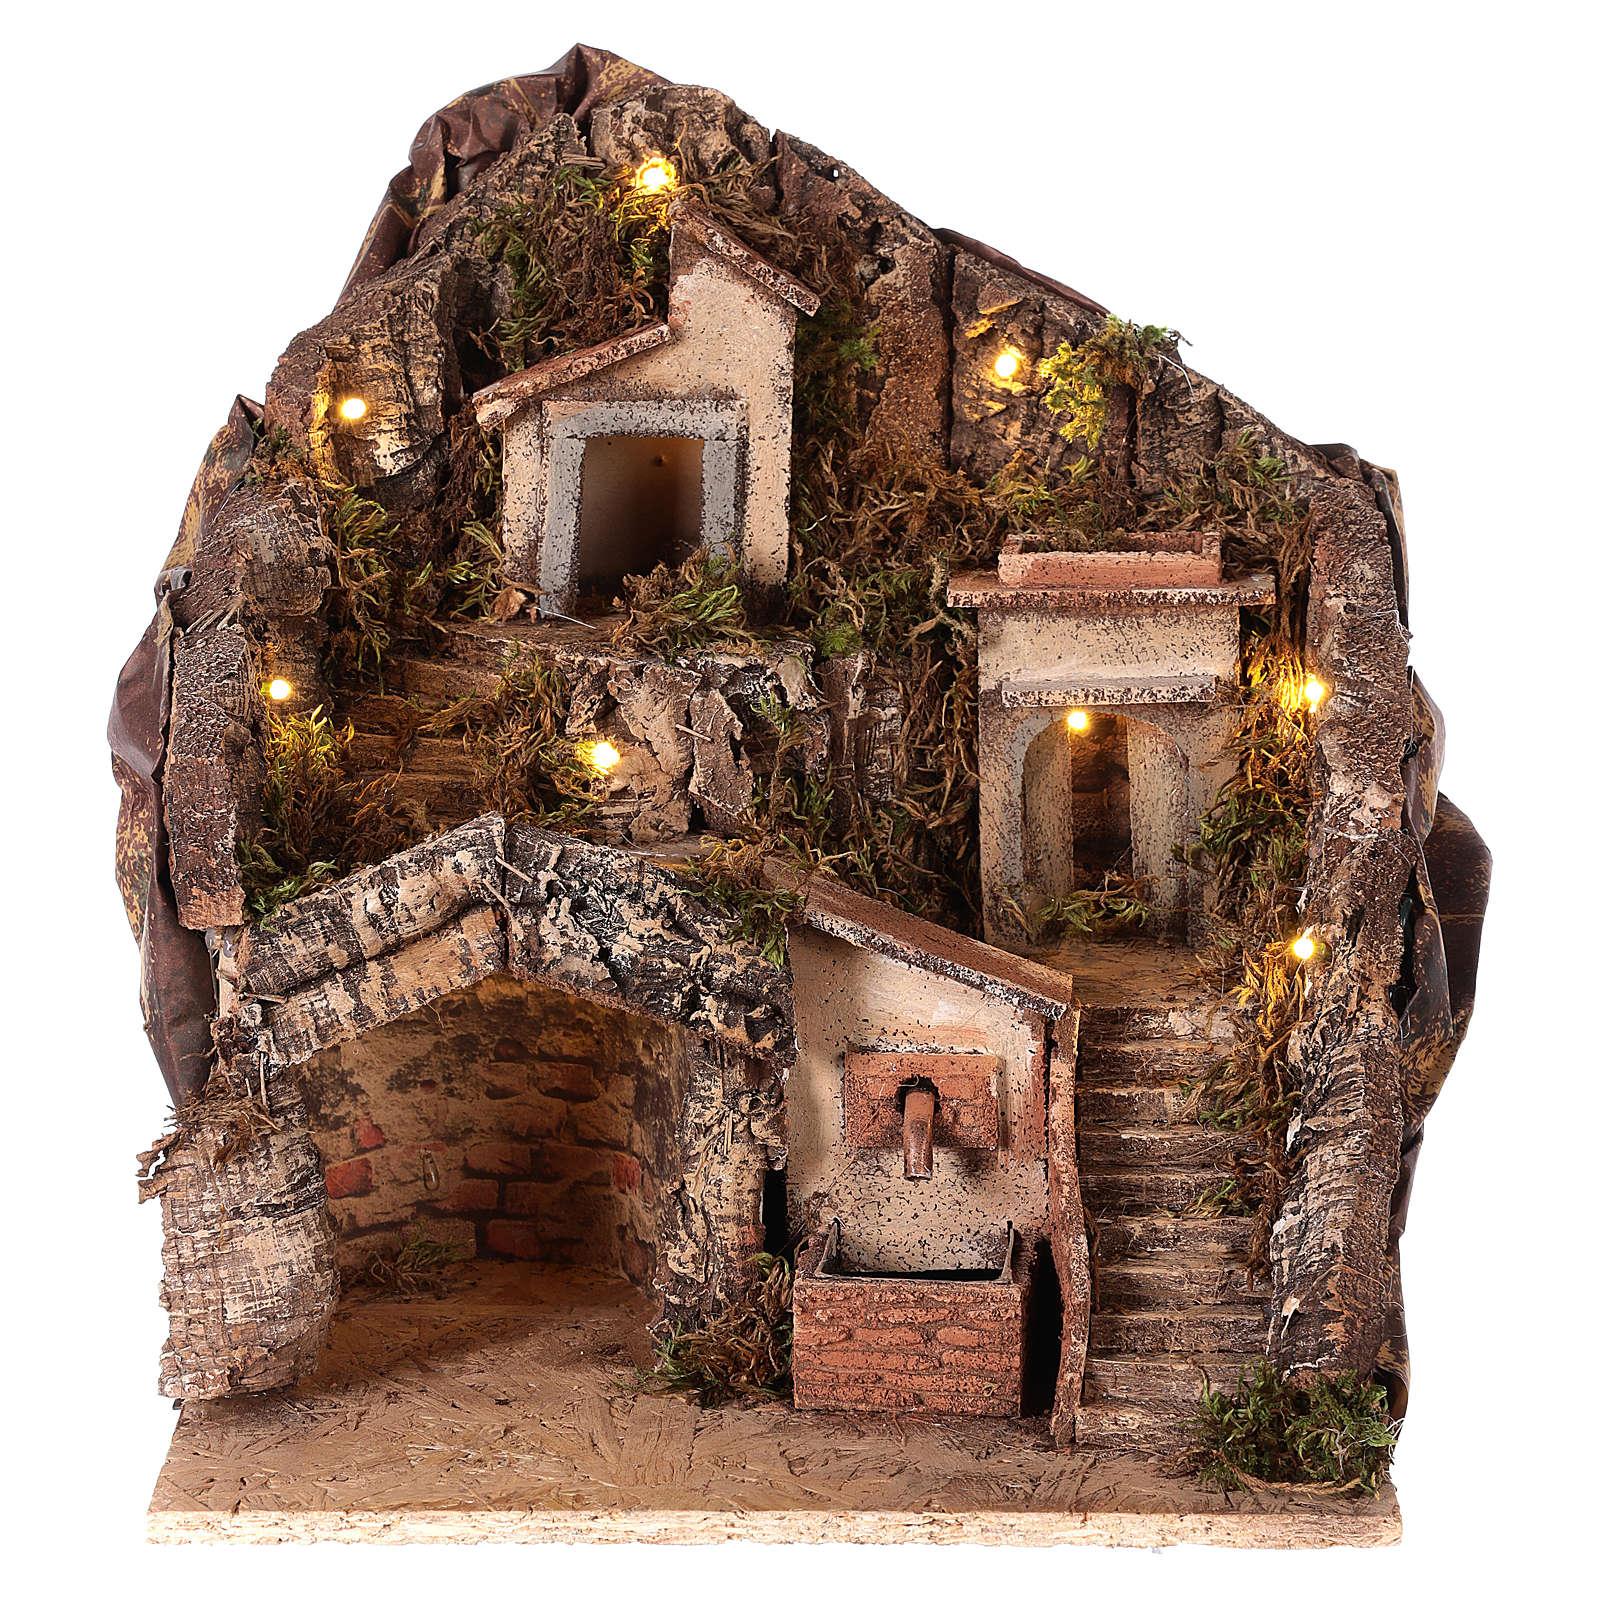 Village pour crèche avec fontaine et lumières 35x30x30 cm crèche napolitaine 4